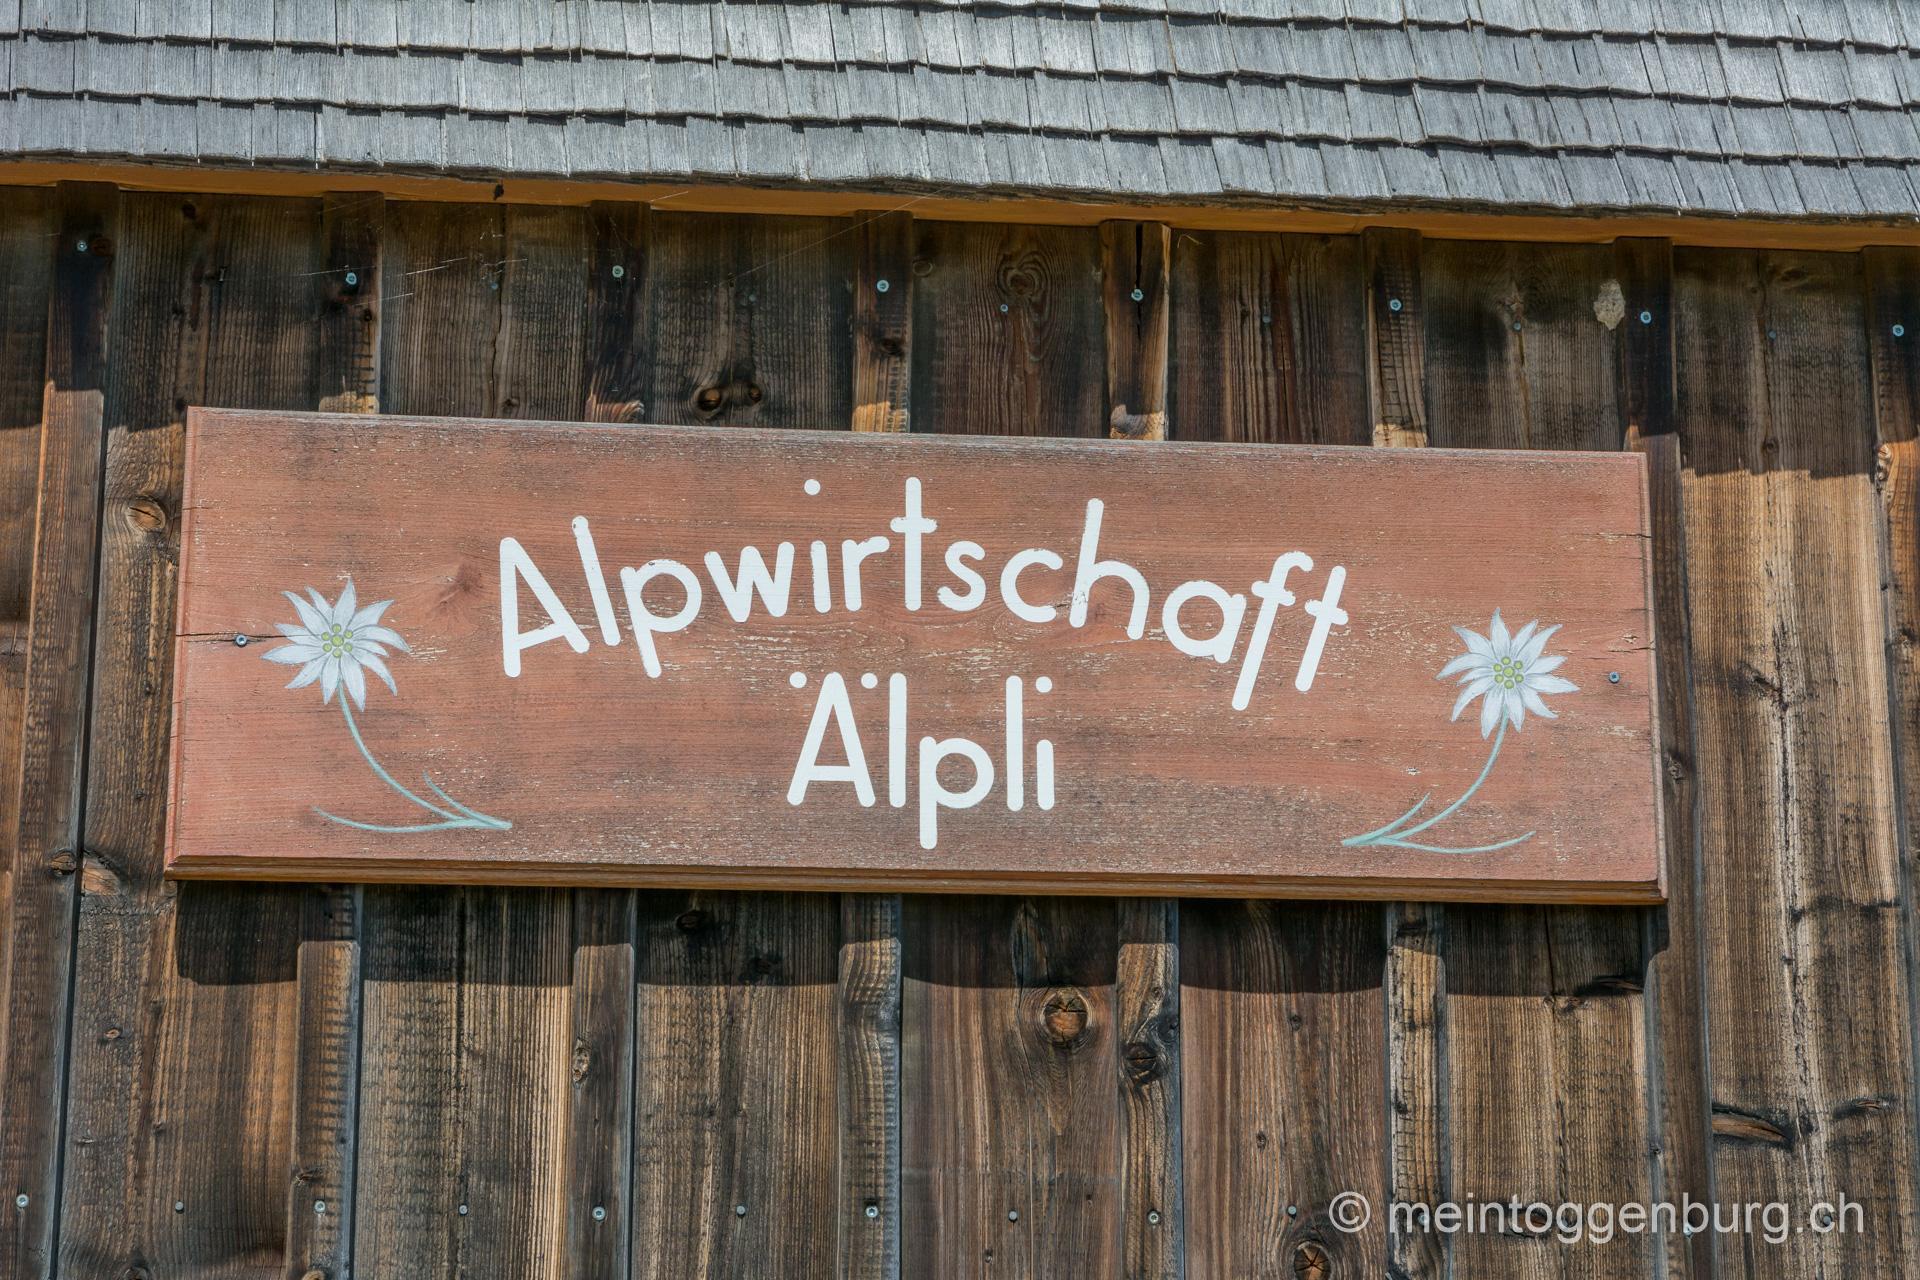 Wanderung Libingen - Chrüzegg - Atzmänig Alpwirtschaft Älpli